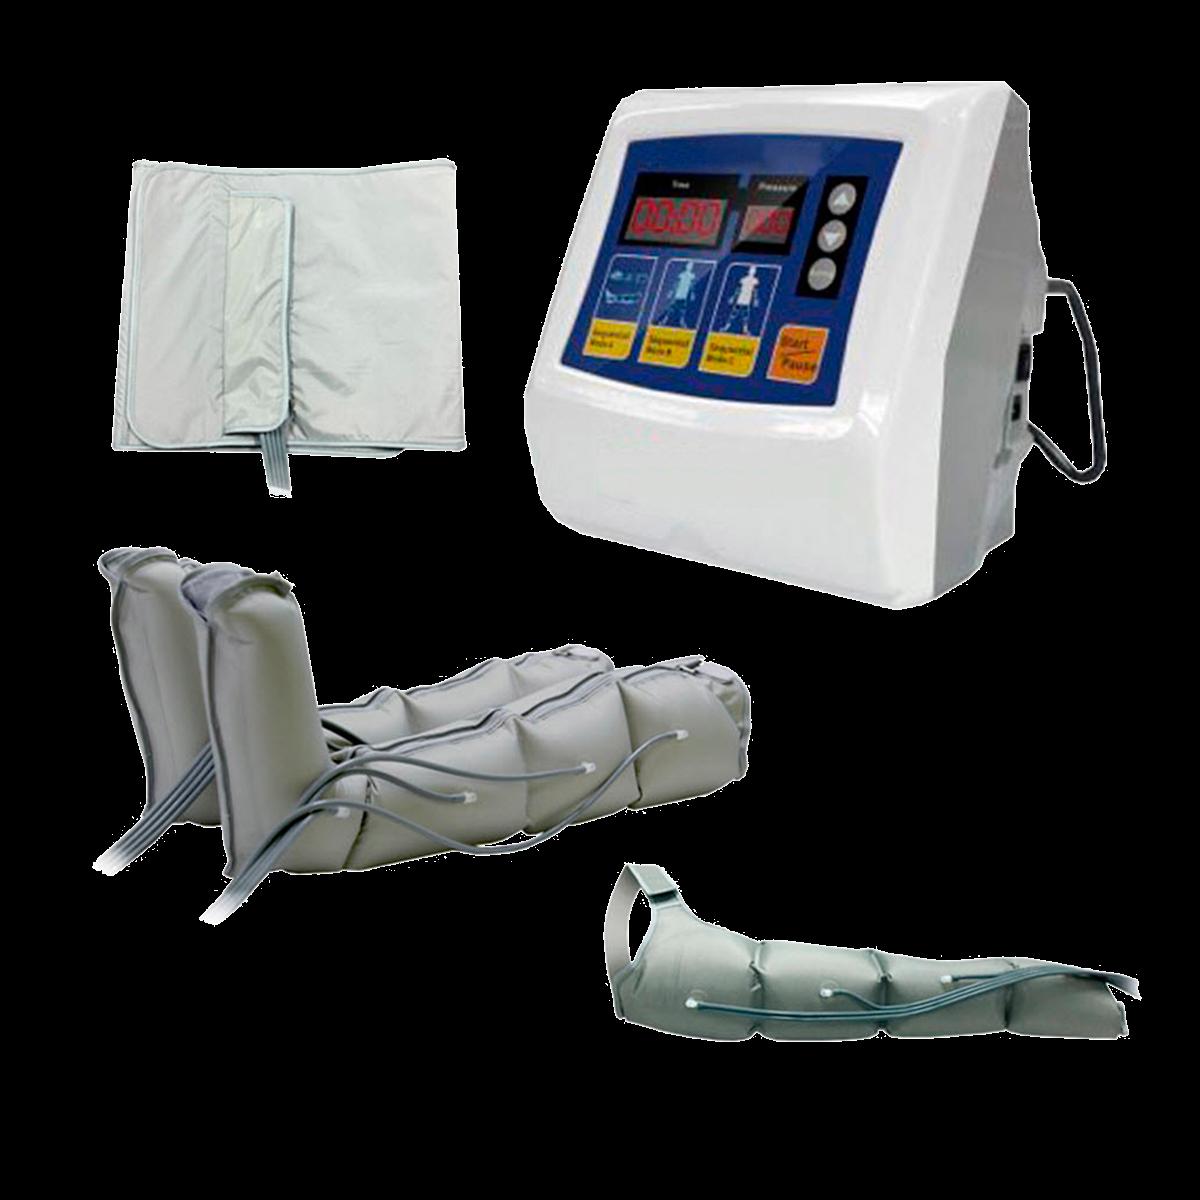 Pressure therapy machine